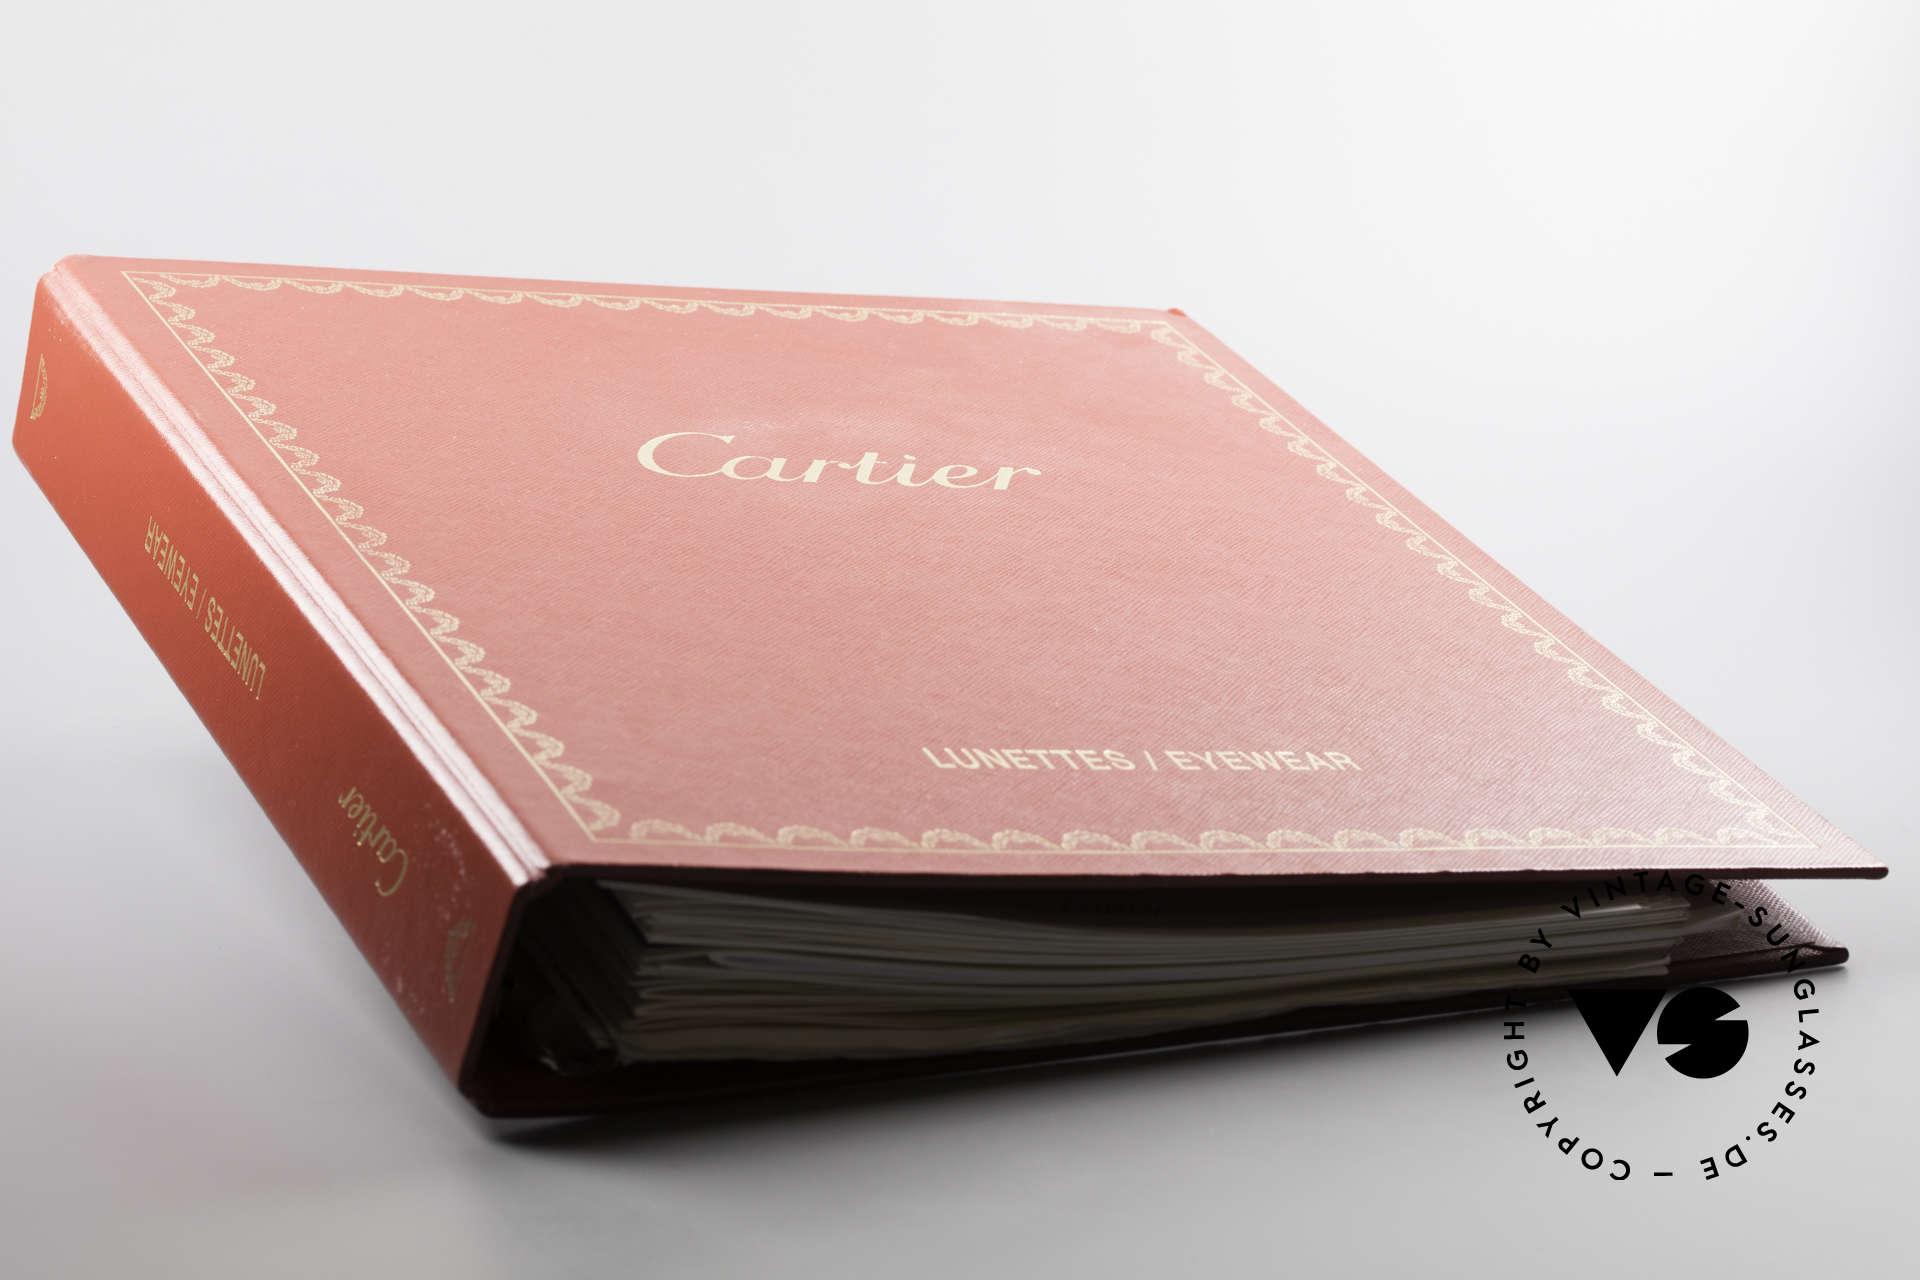 Cartier_ Catalog Cartier Journal Preislisten, 30 gemischte Cartier Katalog-Seiten diverser Jahre, Passend für Herren und Damen